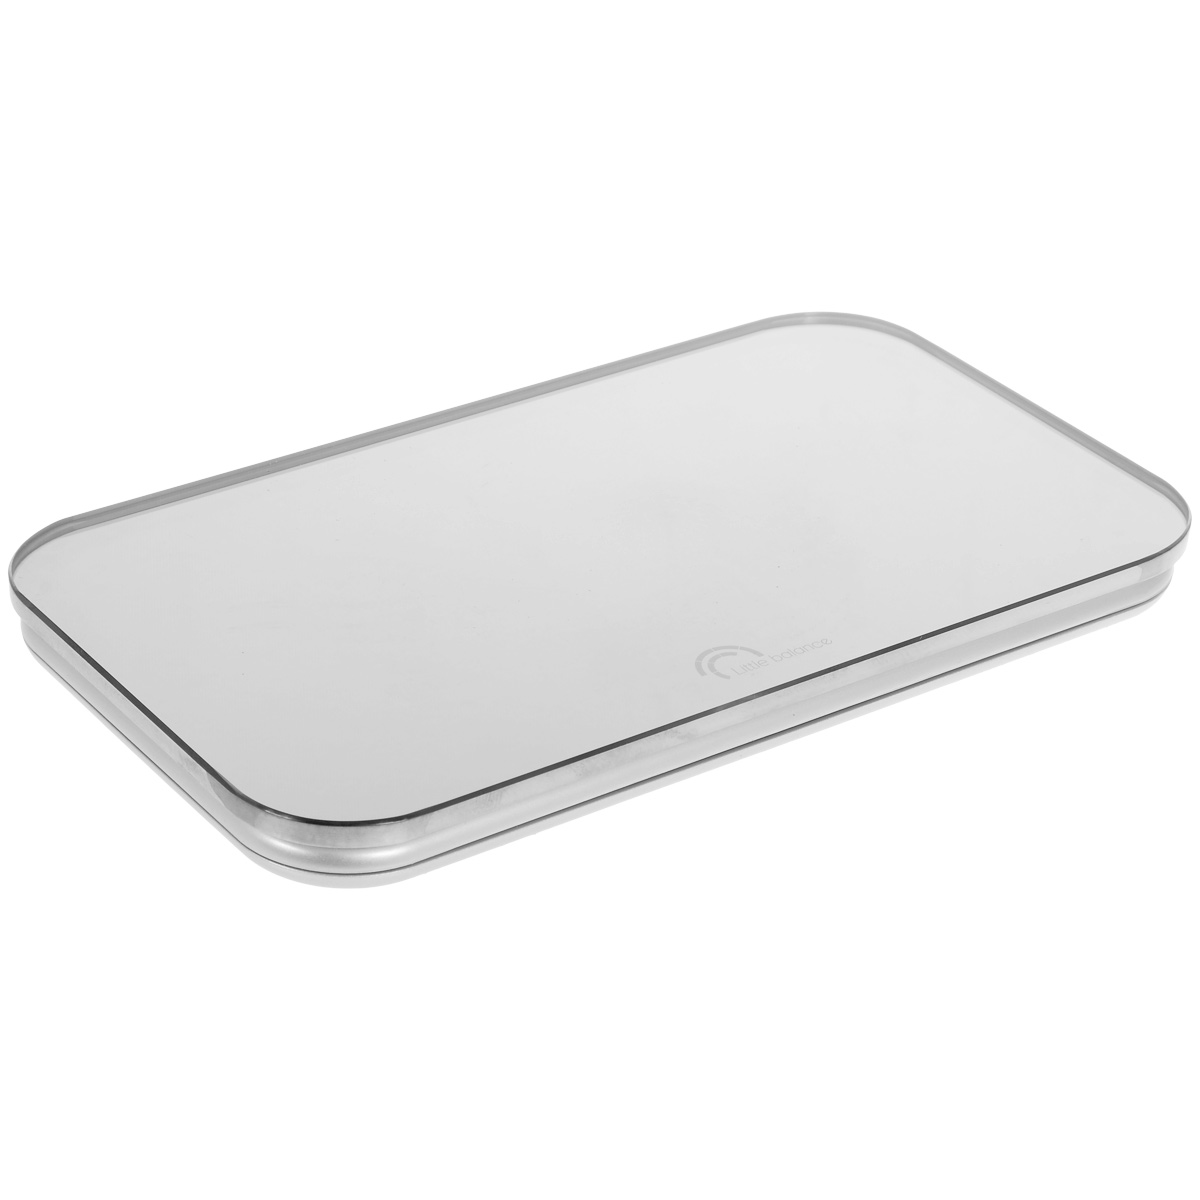 Весы напольные Little balance Nomade, цвет: стальной, зеркальный какой фирмы напольные весы лучше купить